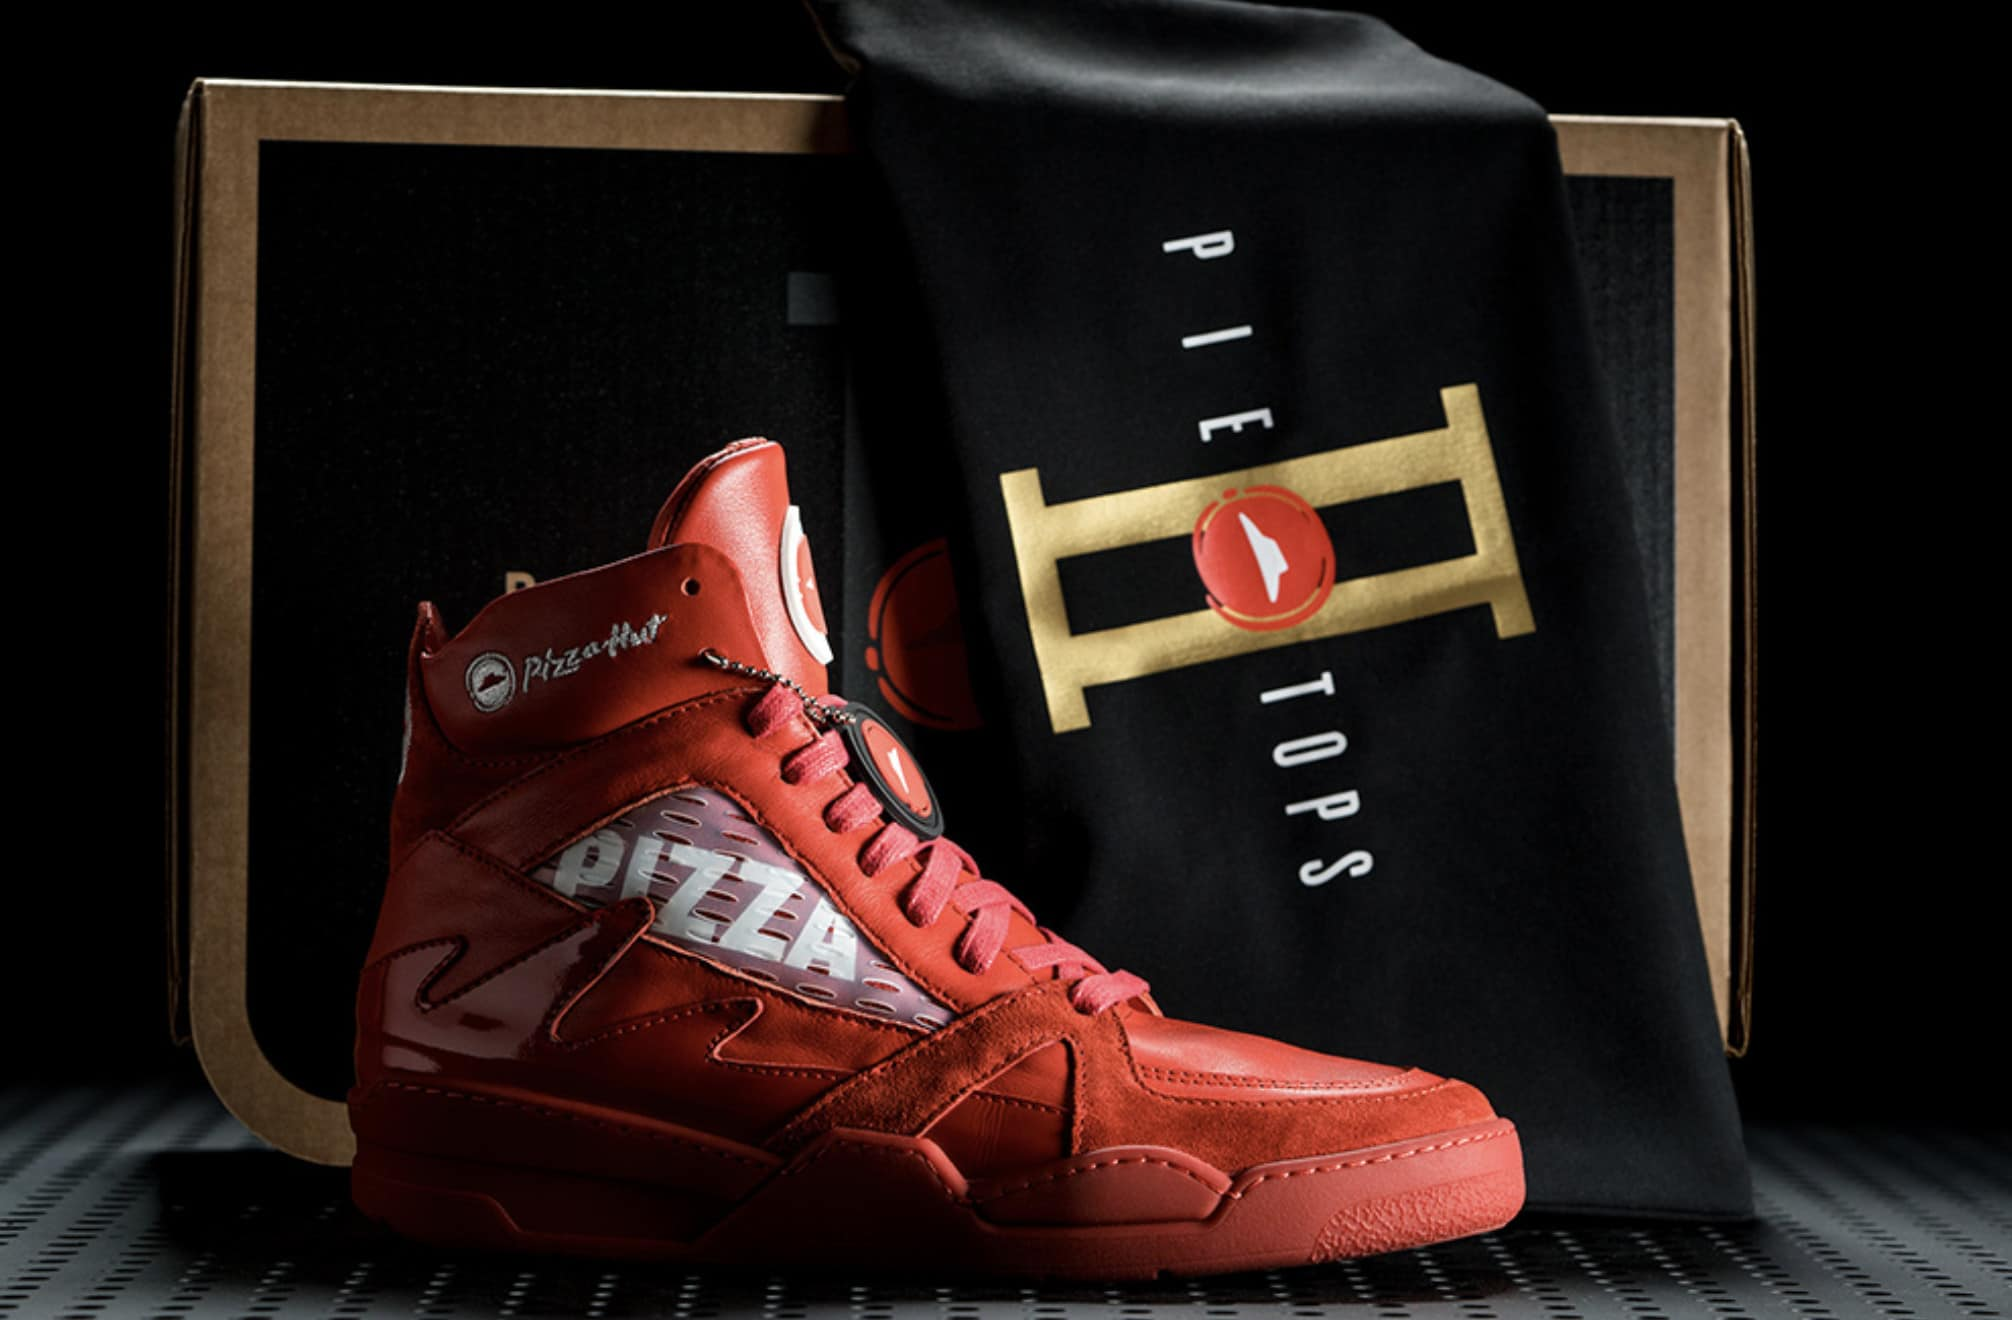 Schuhe Schnellverschluss eBay Kleinanzeigen